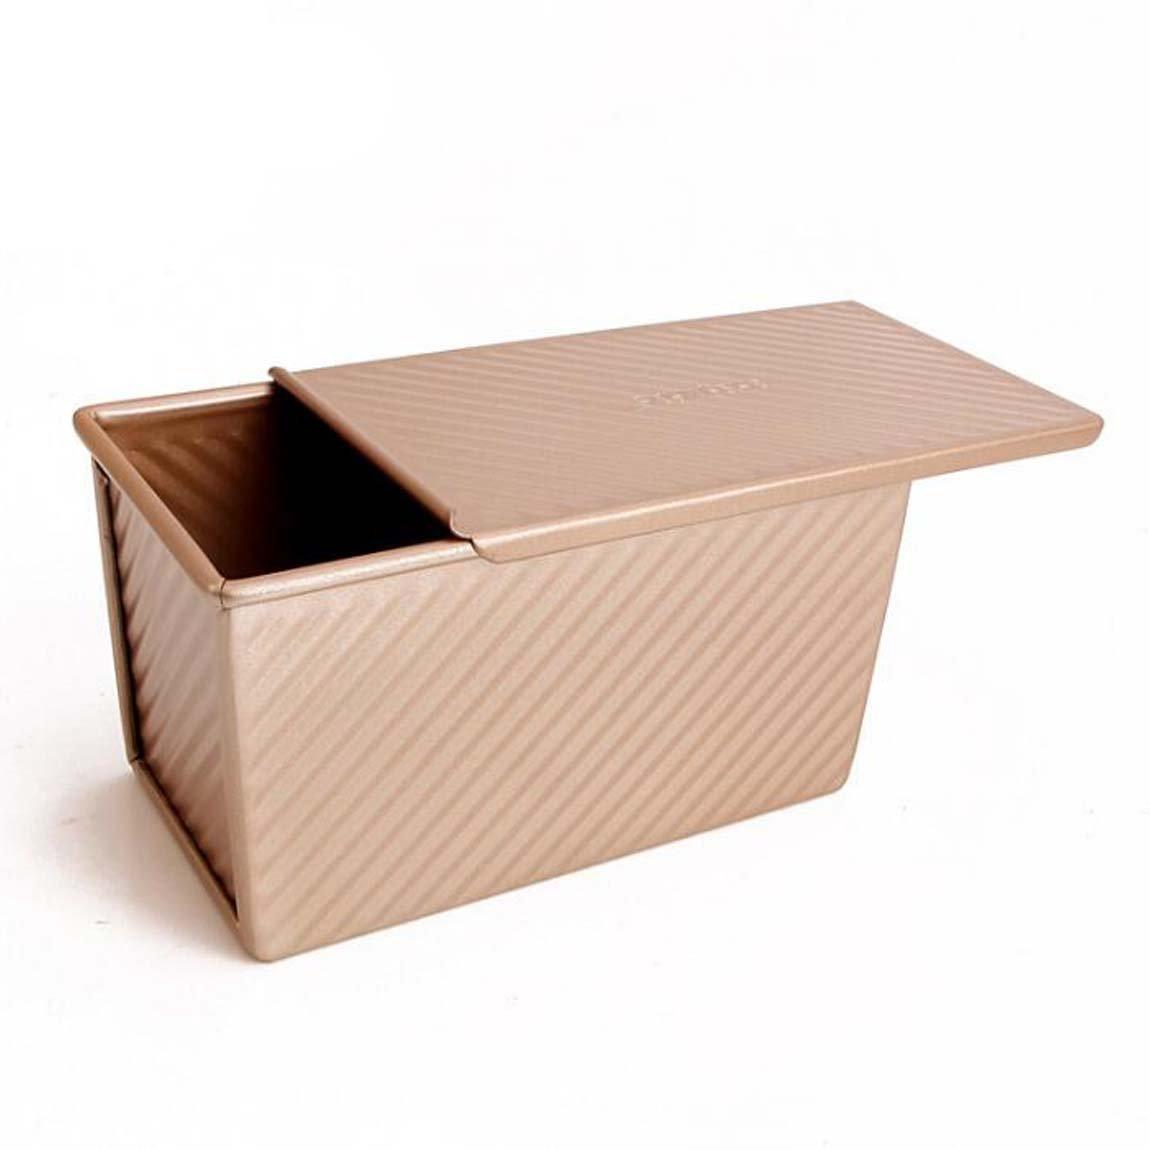 CAN_Deal Rectángulo Antiadherente Tostadas Caja De La Cocina De Reposteria Molde De Pan Para Hornear: Amazon.es: Hogar